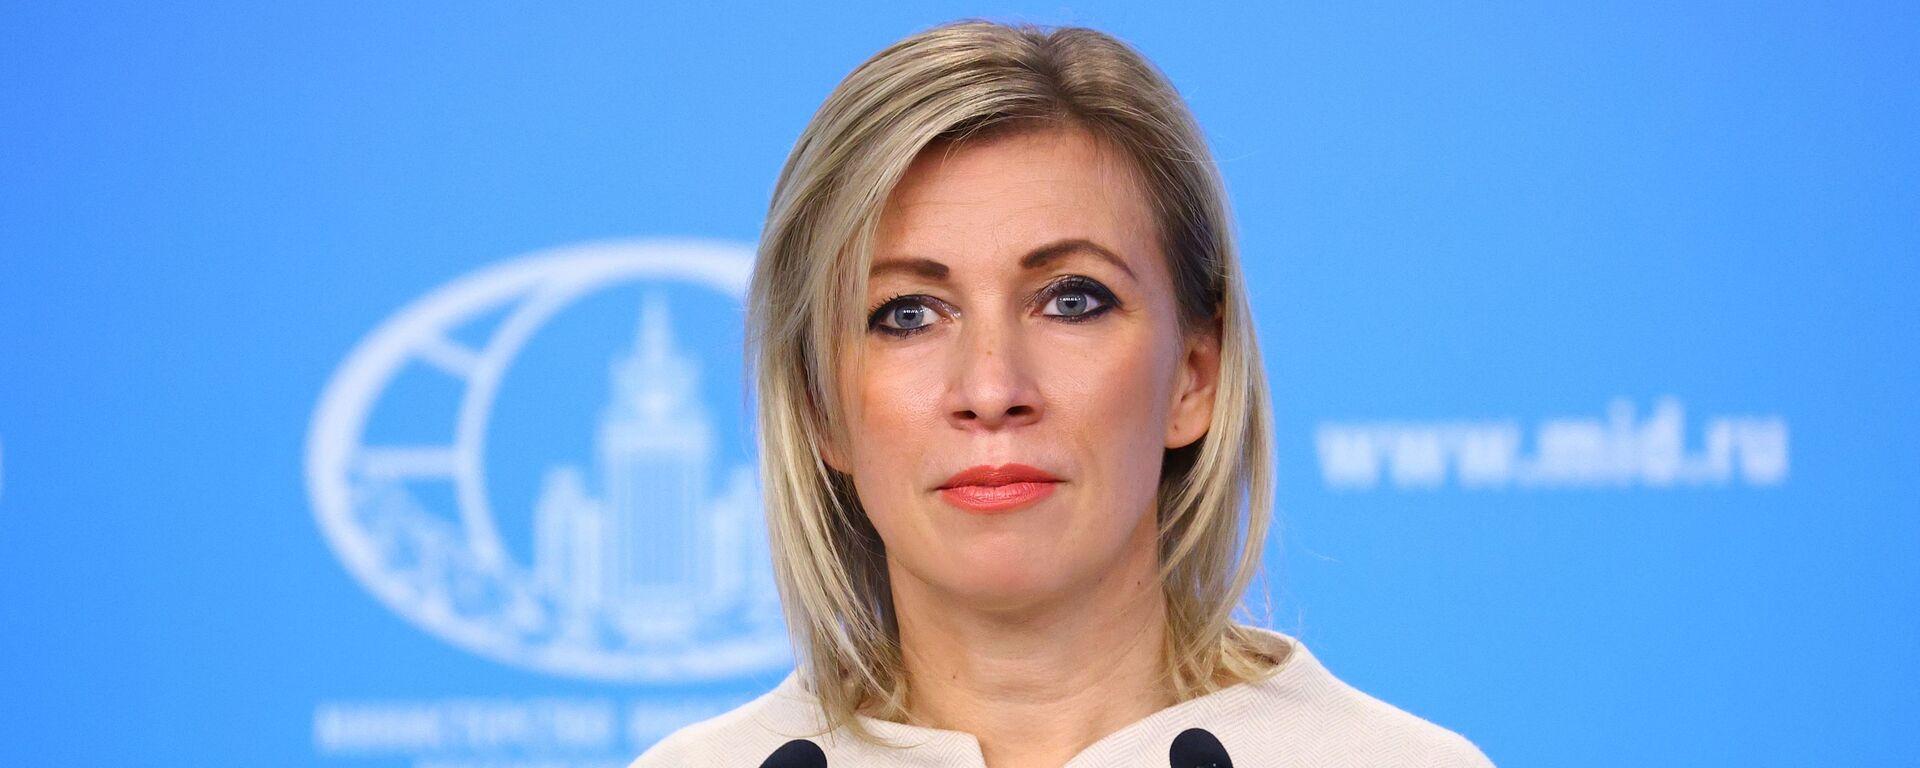 Portparolka Ministarstva spoljnih poslova Rusije Marija Zaharova - Sputnik Srbija, 1920, 18.03.2021